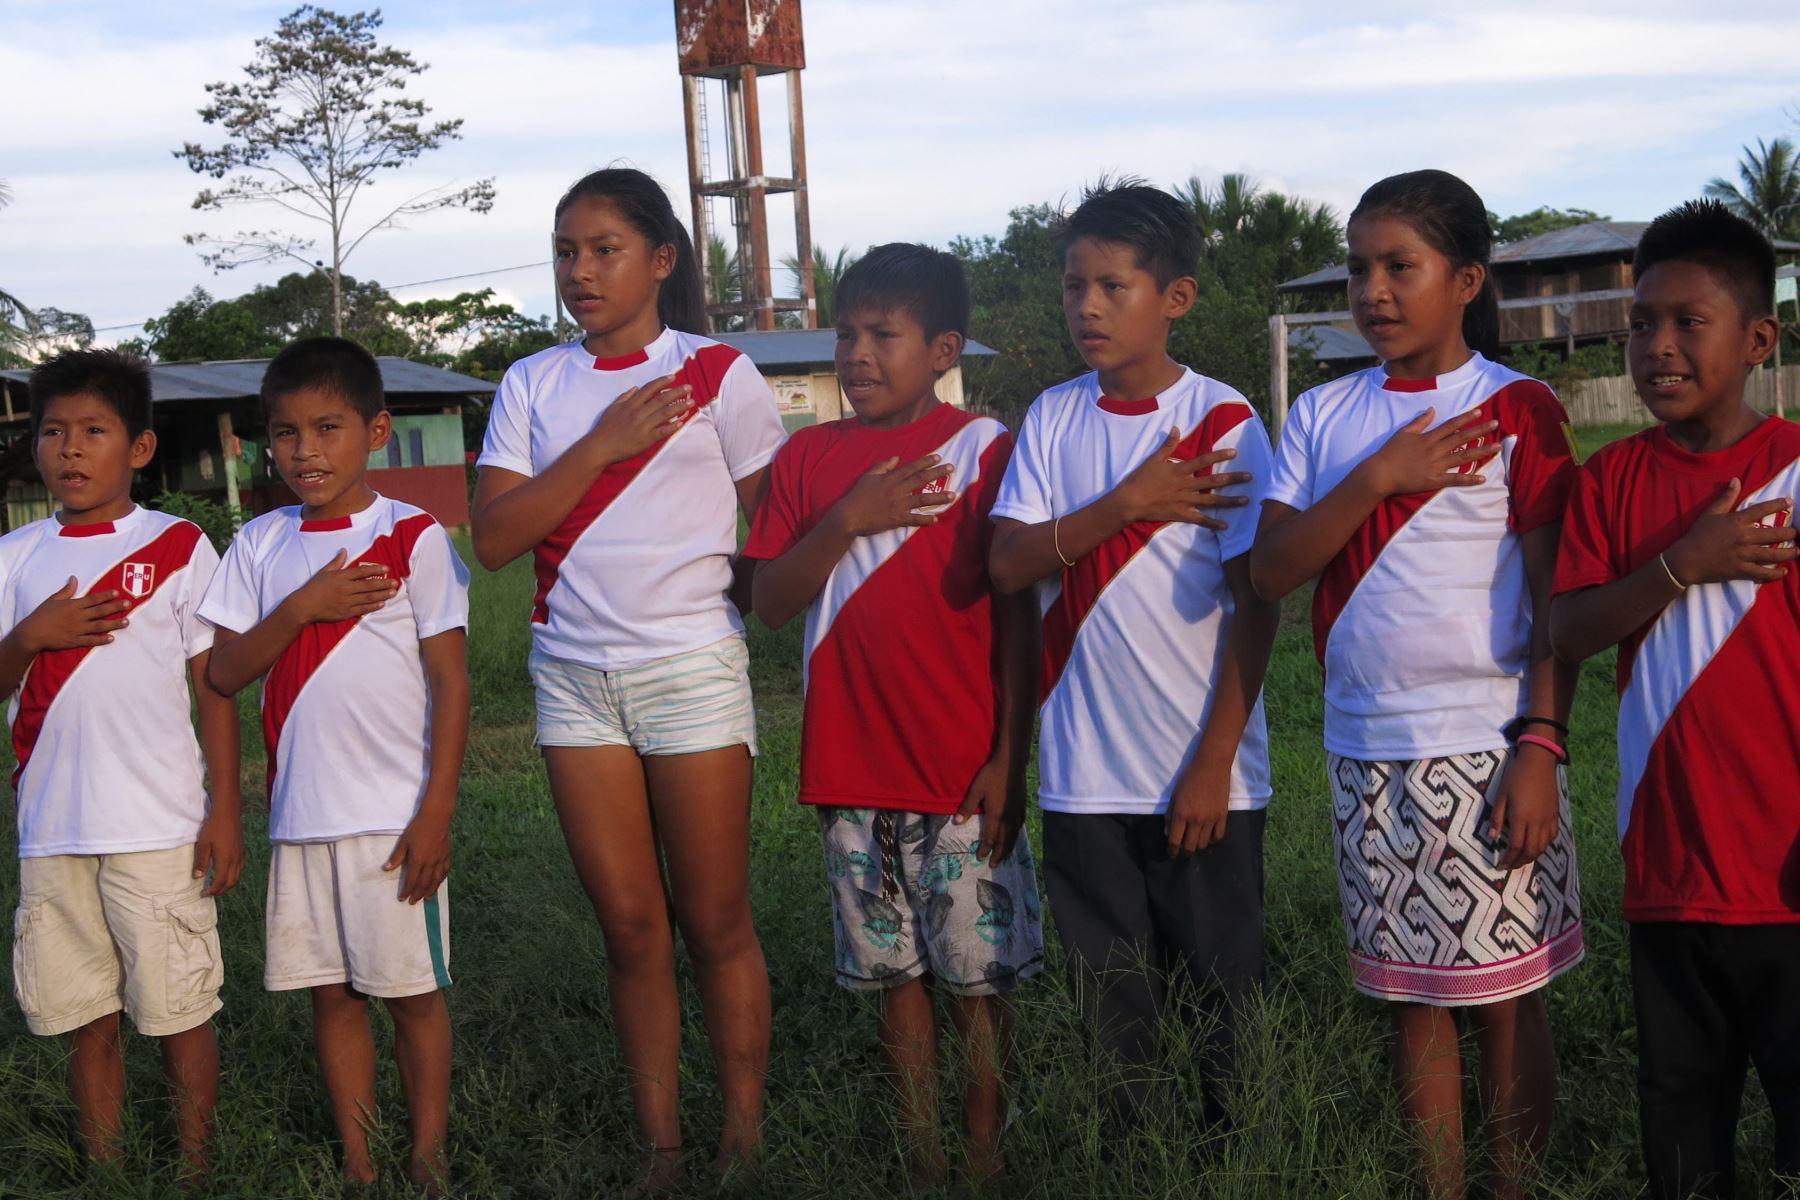 Niños yines apoyan a deportistas peruanos que compiten en los Juegos Panamericanos Lima 2019 cantando el himno nacional en su lengua nativa. ANDINA/Difusión